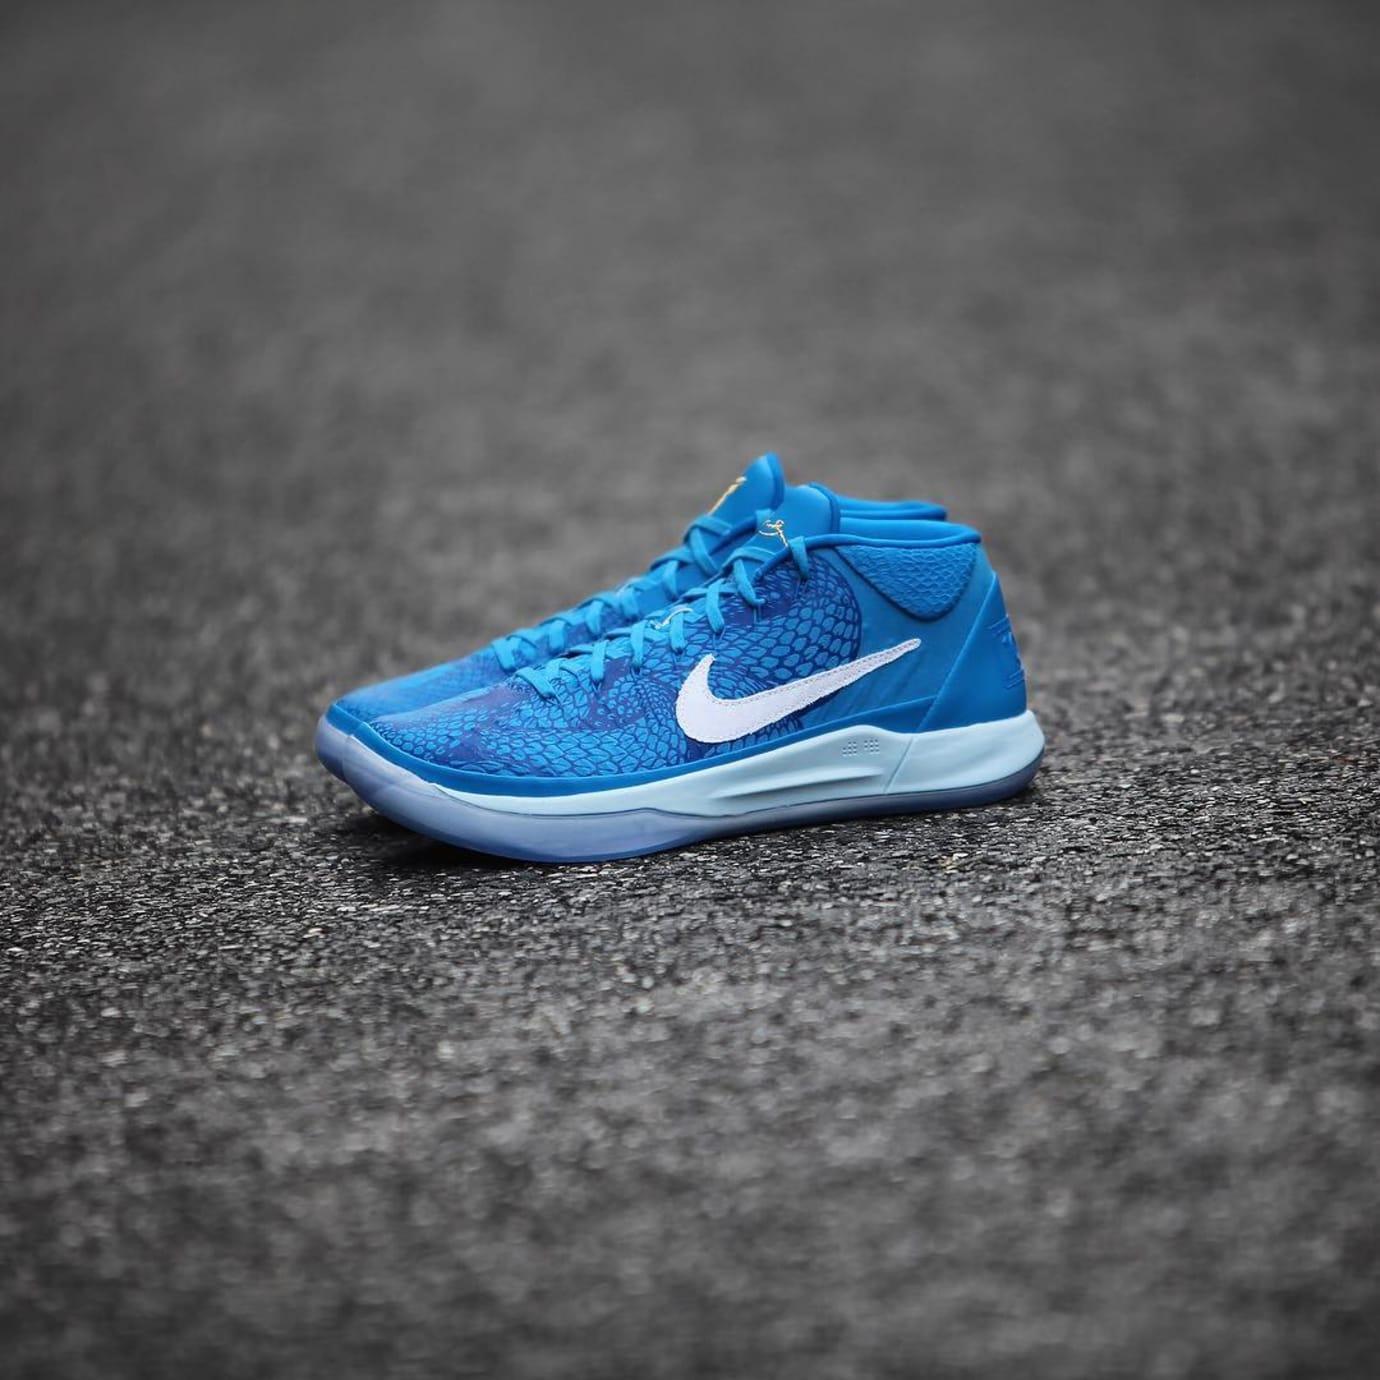 ff82641d6f8e Nike Kobe A.D. Mid DeMar DeRozan PE Release Date Left